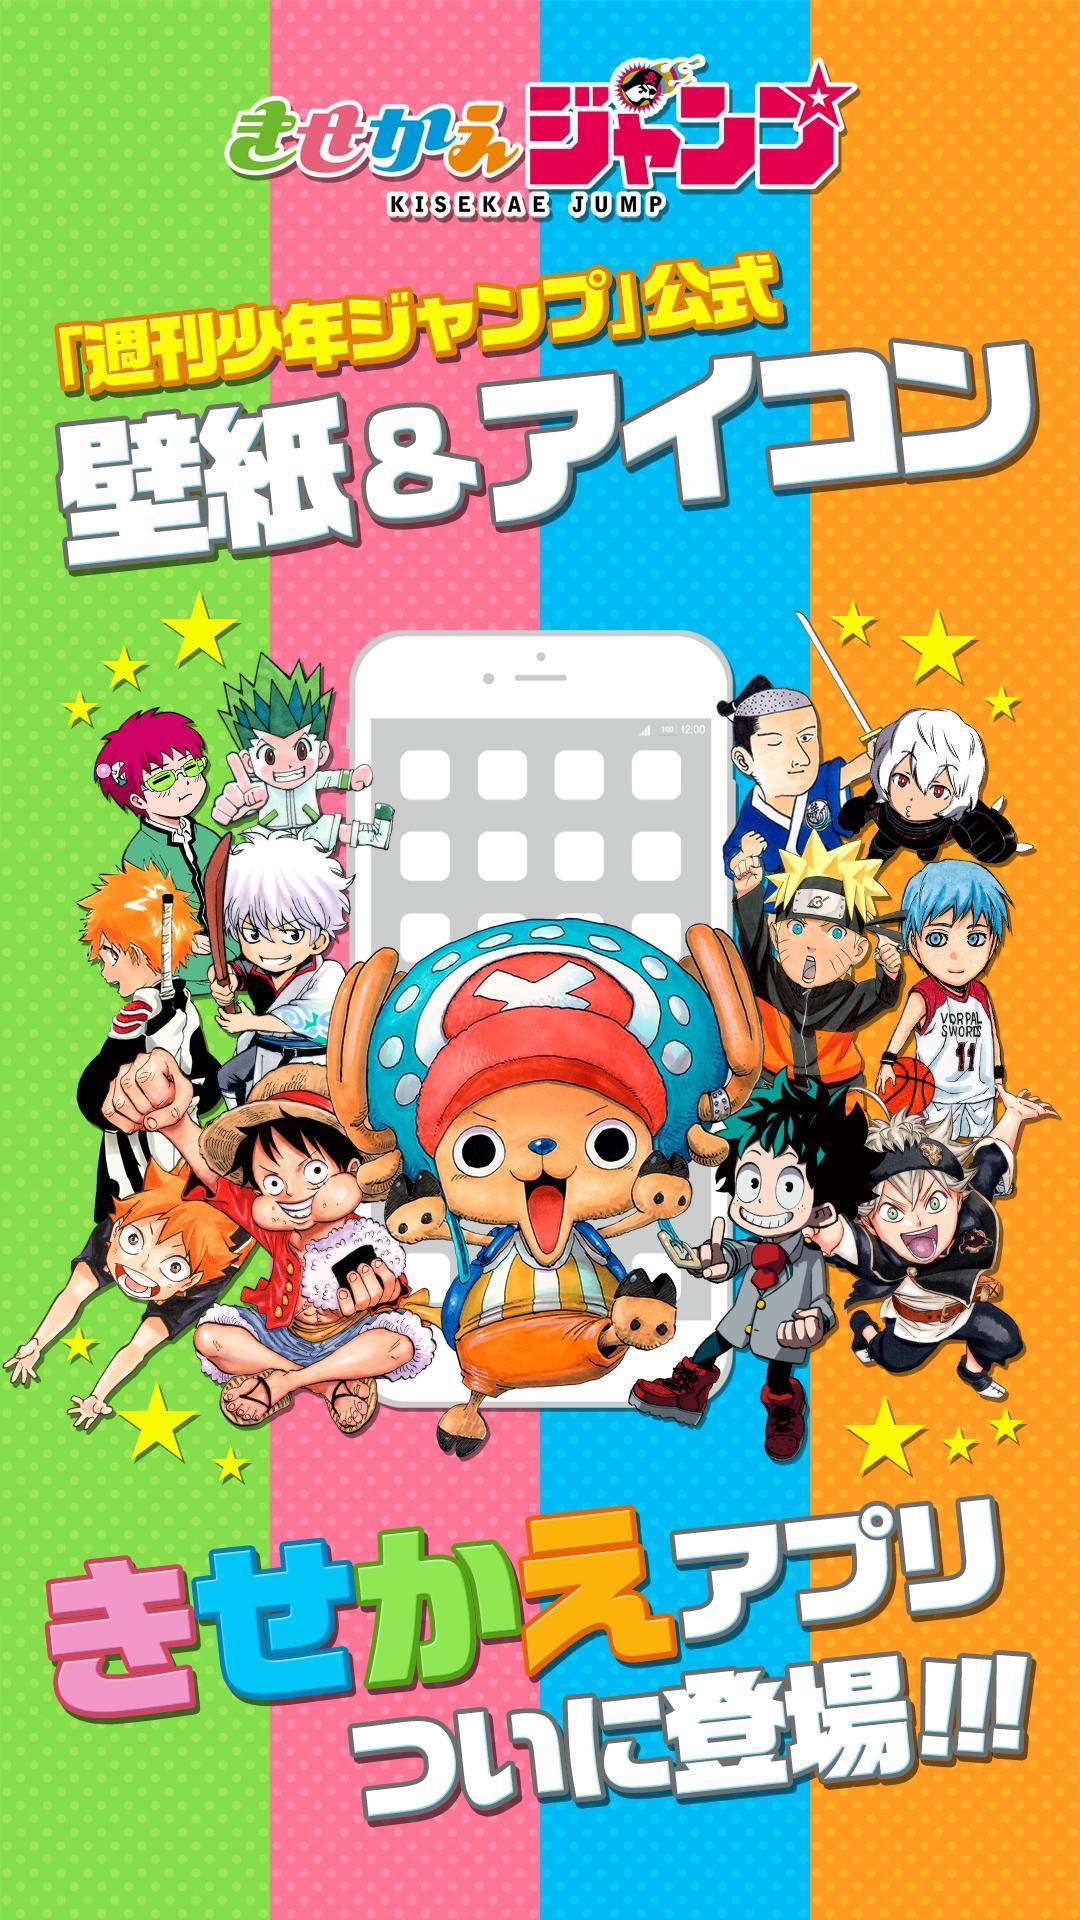 Android 用の きせかえジャンプ 少年ジャンプ公式 Apk をダウンロード